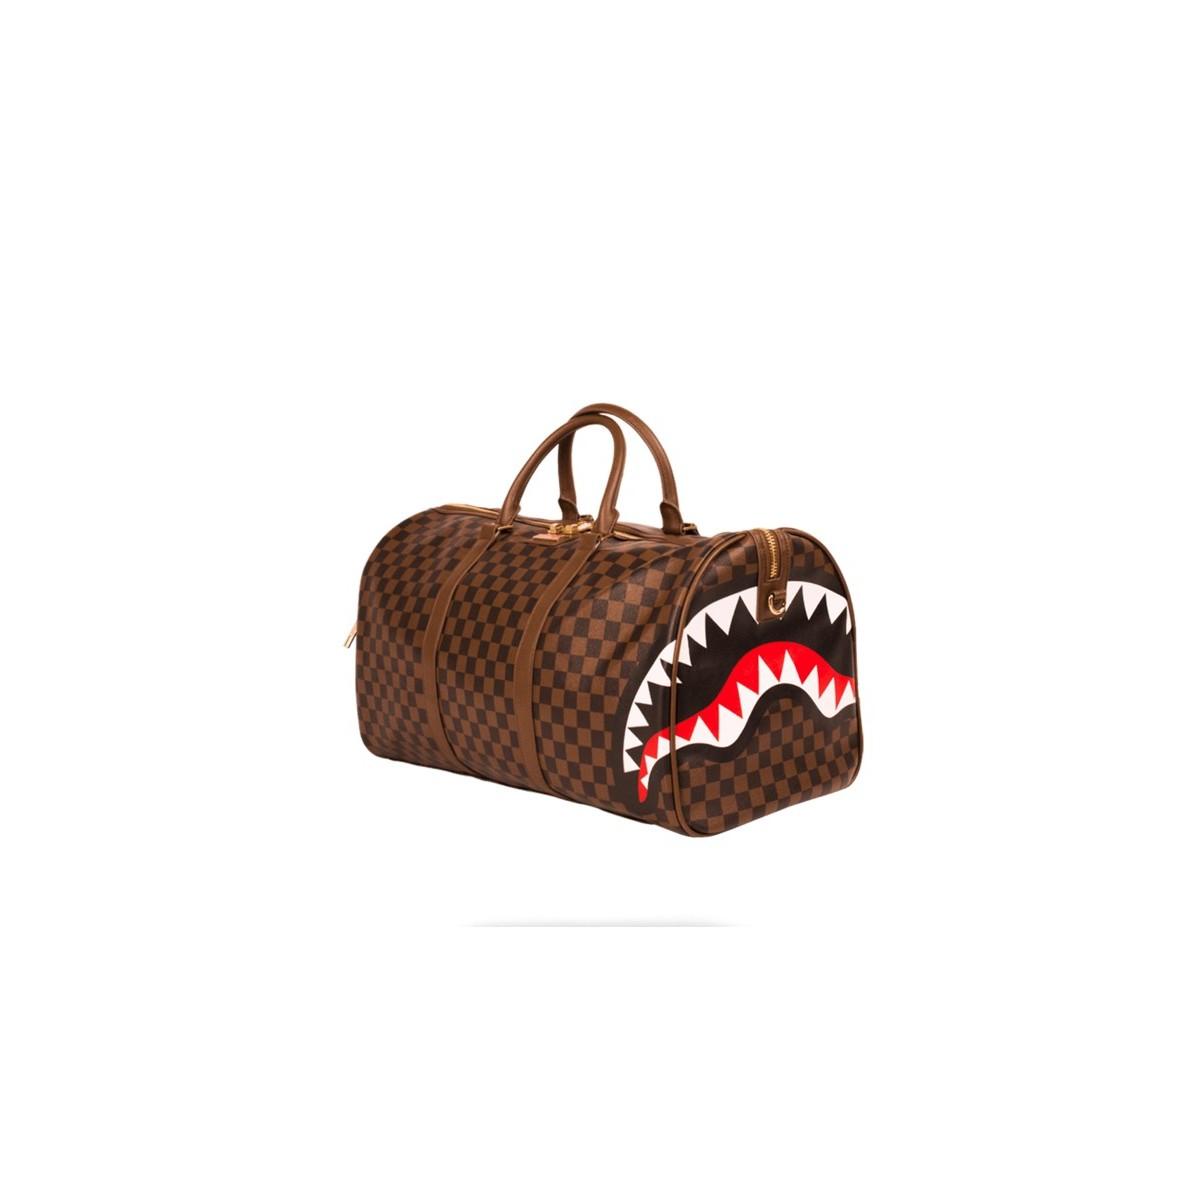 Borsa - Shark in paris duffle borsa grande